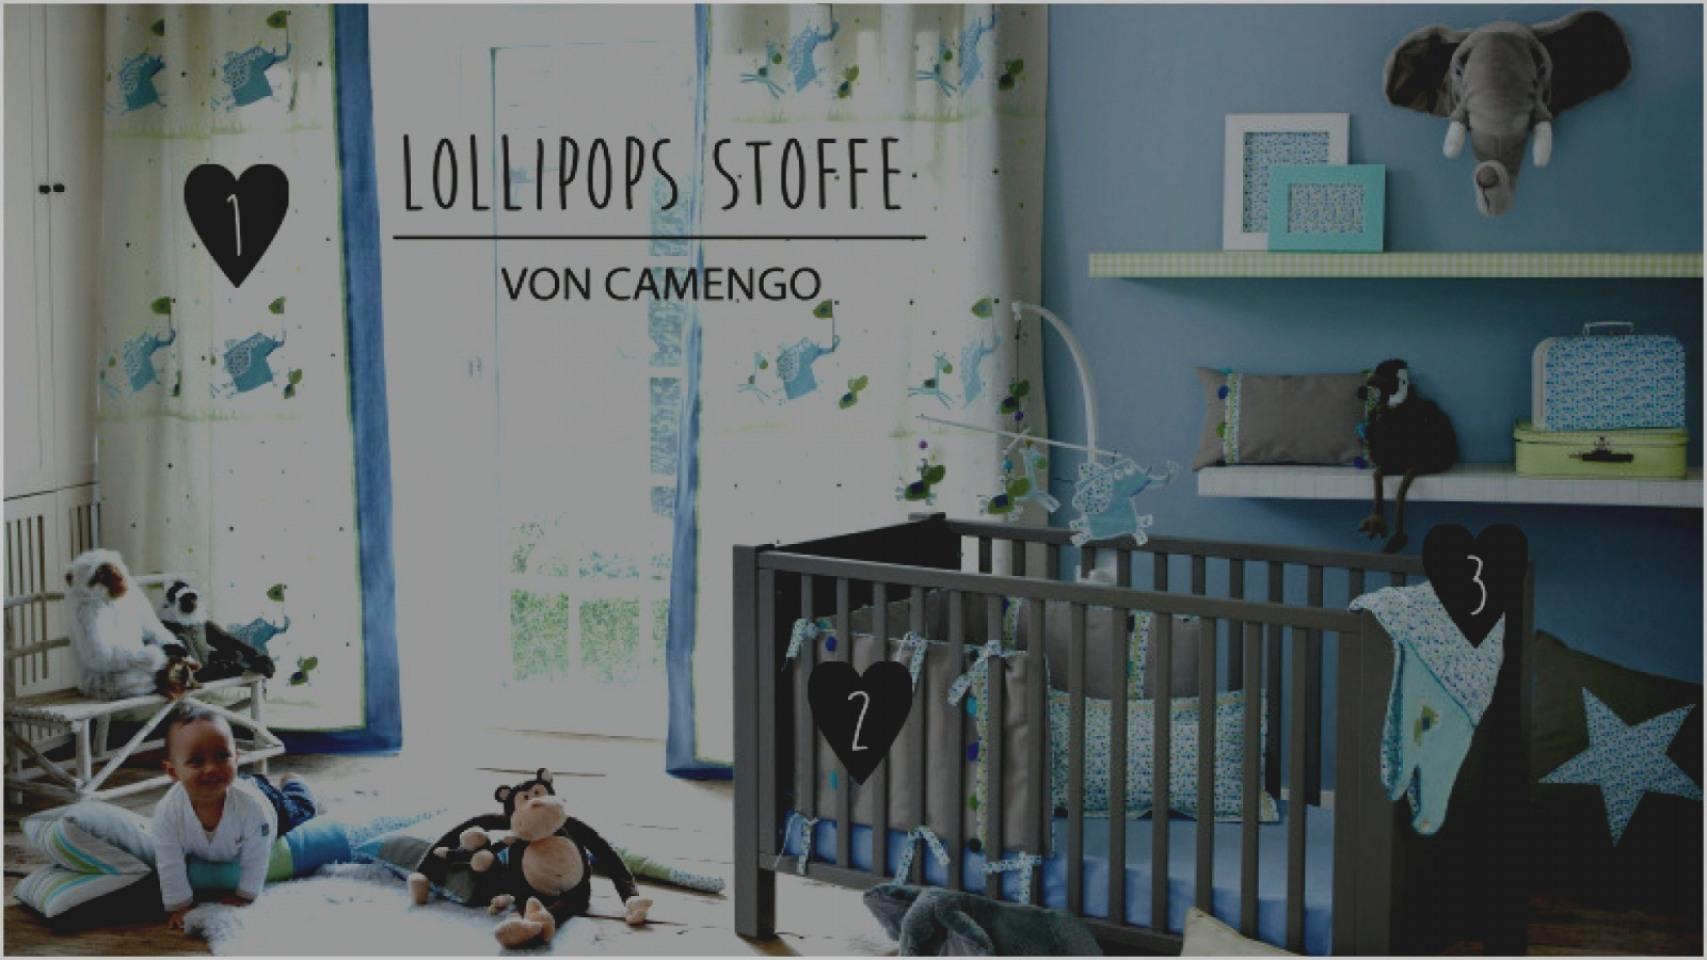 Full Size of Wandgestaltung Kinderzimmer Jungen Grun Braun Sofa Regal Weiß Regale Wohnzimmer Wandgestaltung Kinderzimmer Jungen